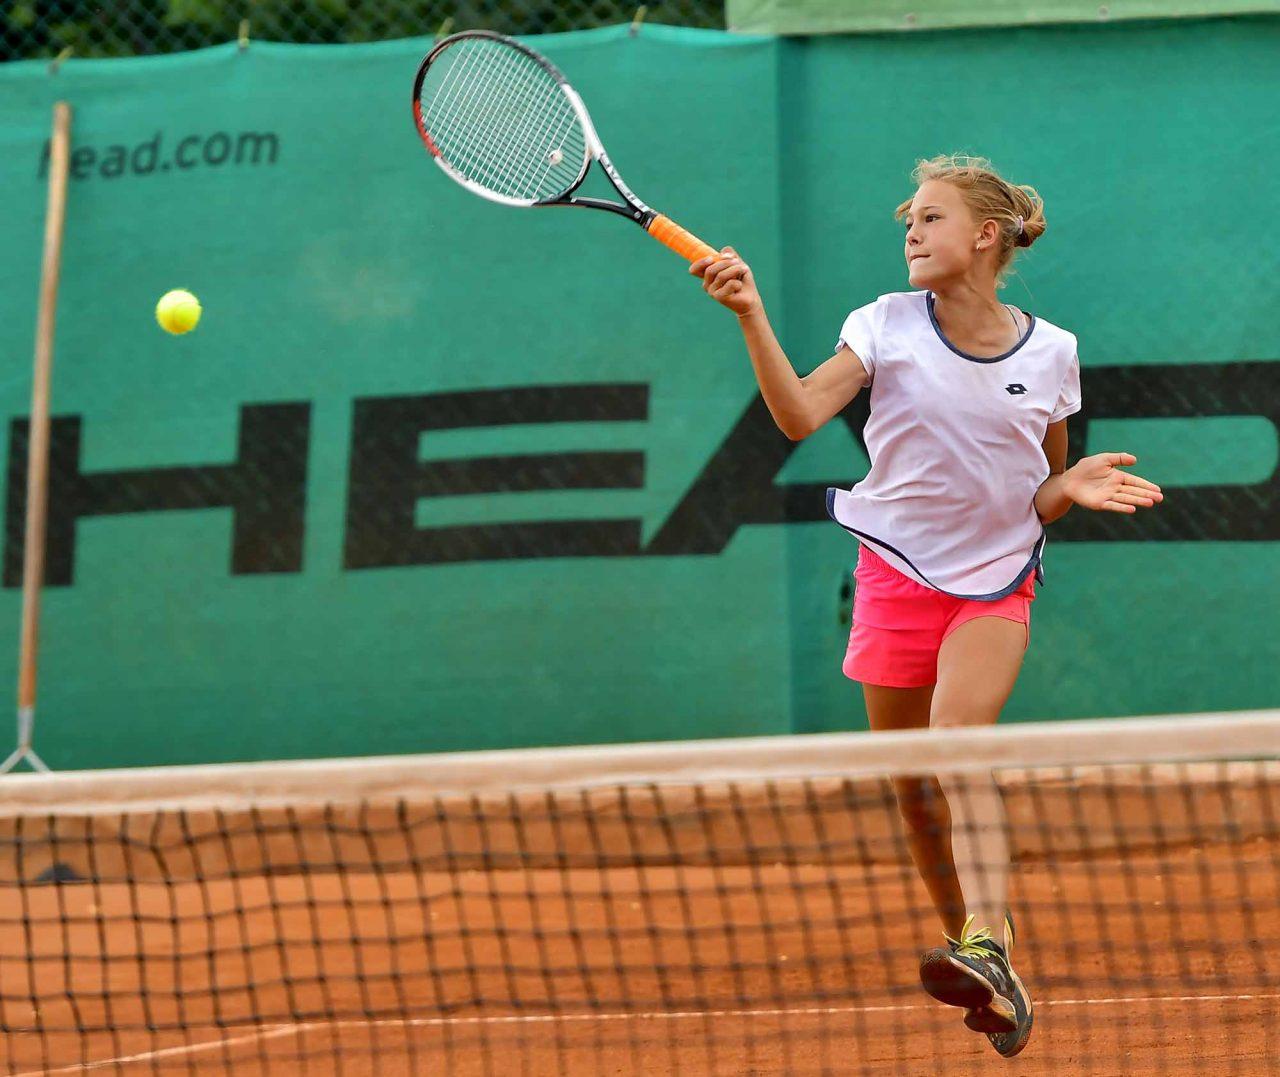 Държавно първенство тенис до 14 год. ТК 15-40 двойки полуфинал (9)